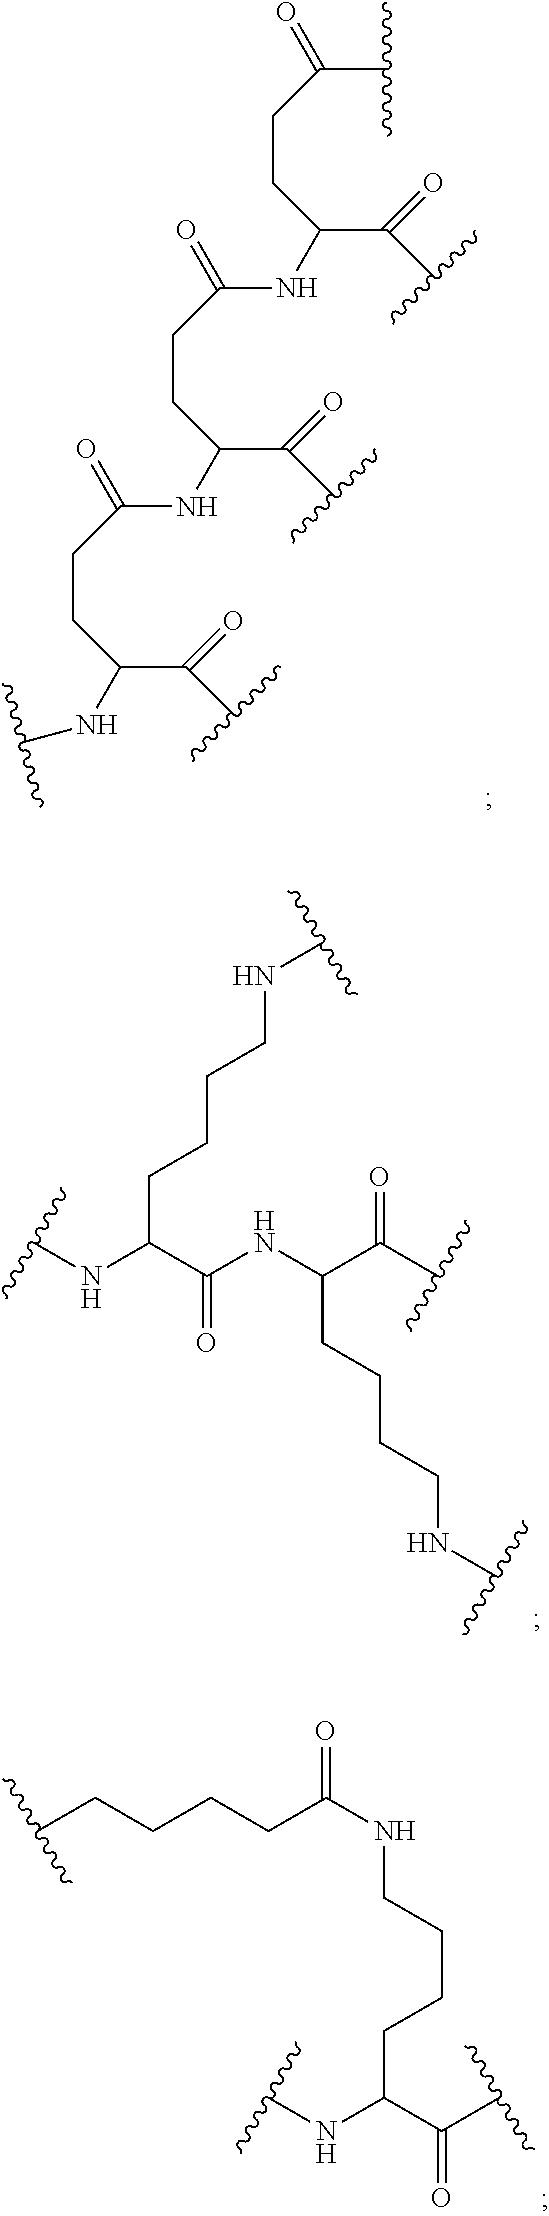 Figure US09957504-20180501-C00171